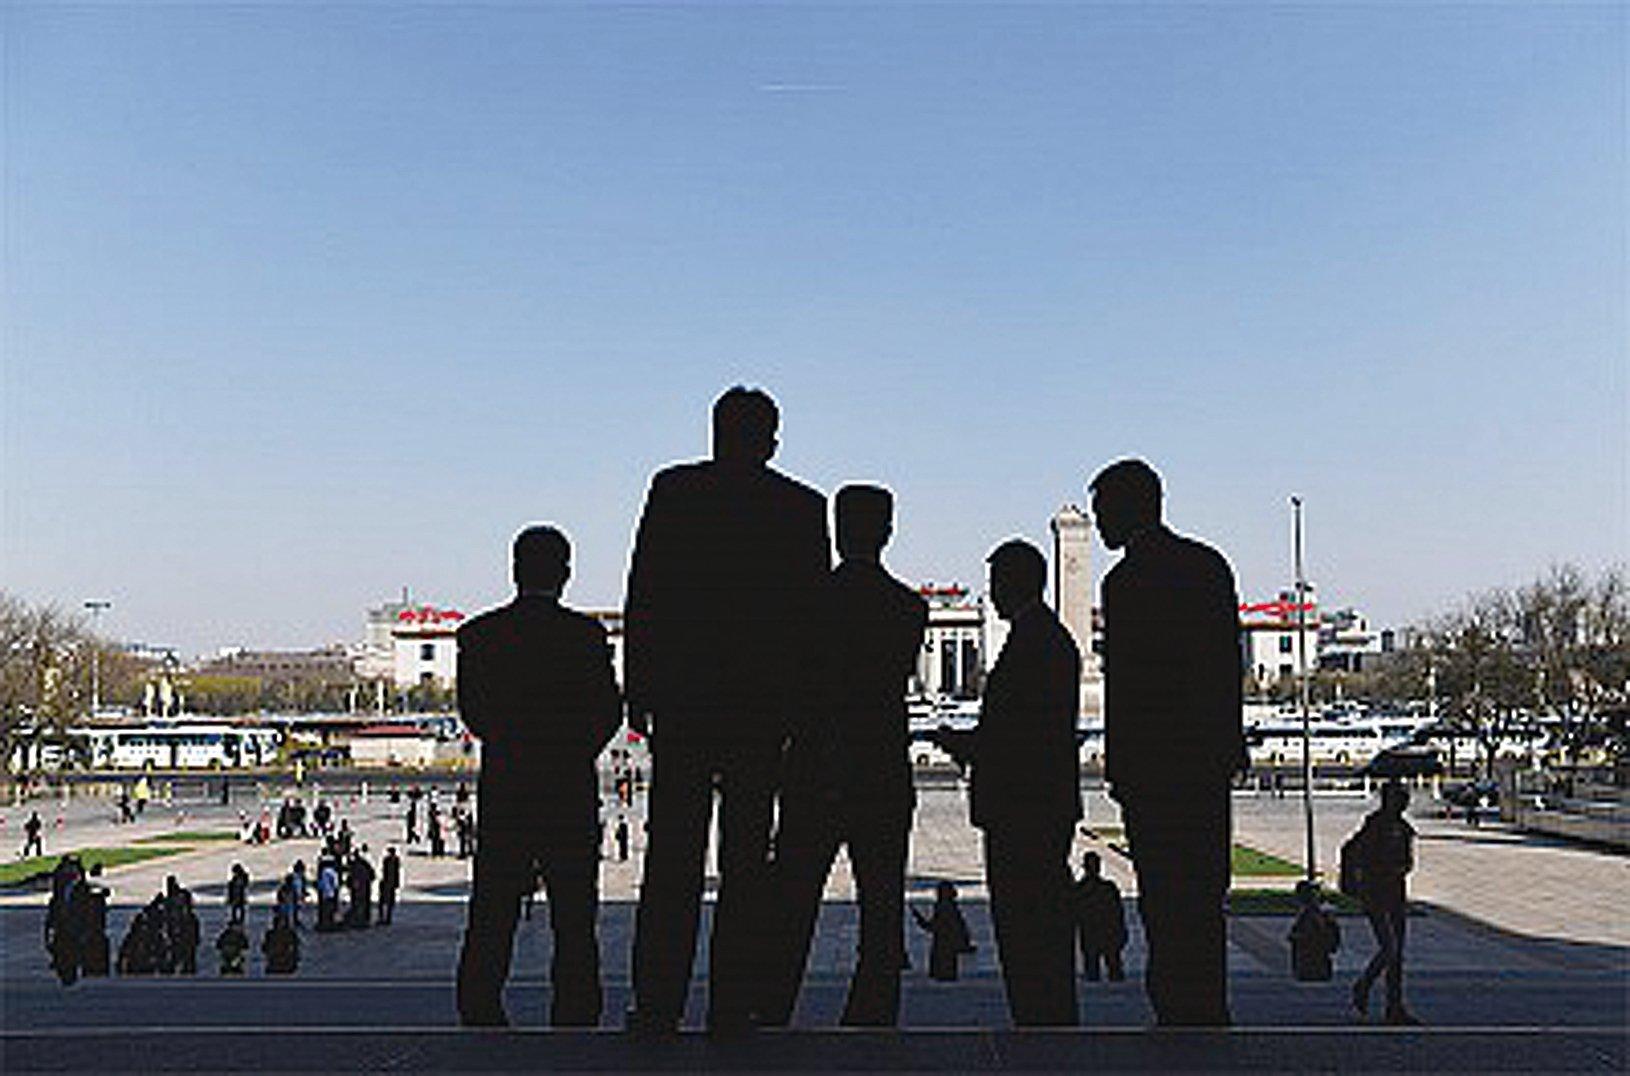 港媒稱,北京當局掀起一輪目標直指財經界寡頭和巨鱷的整肅運動,很可能公佈一些震驚海內外的大案要案。(AFP)